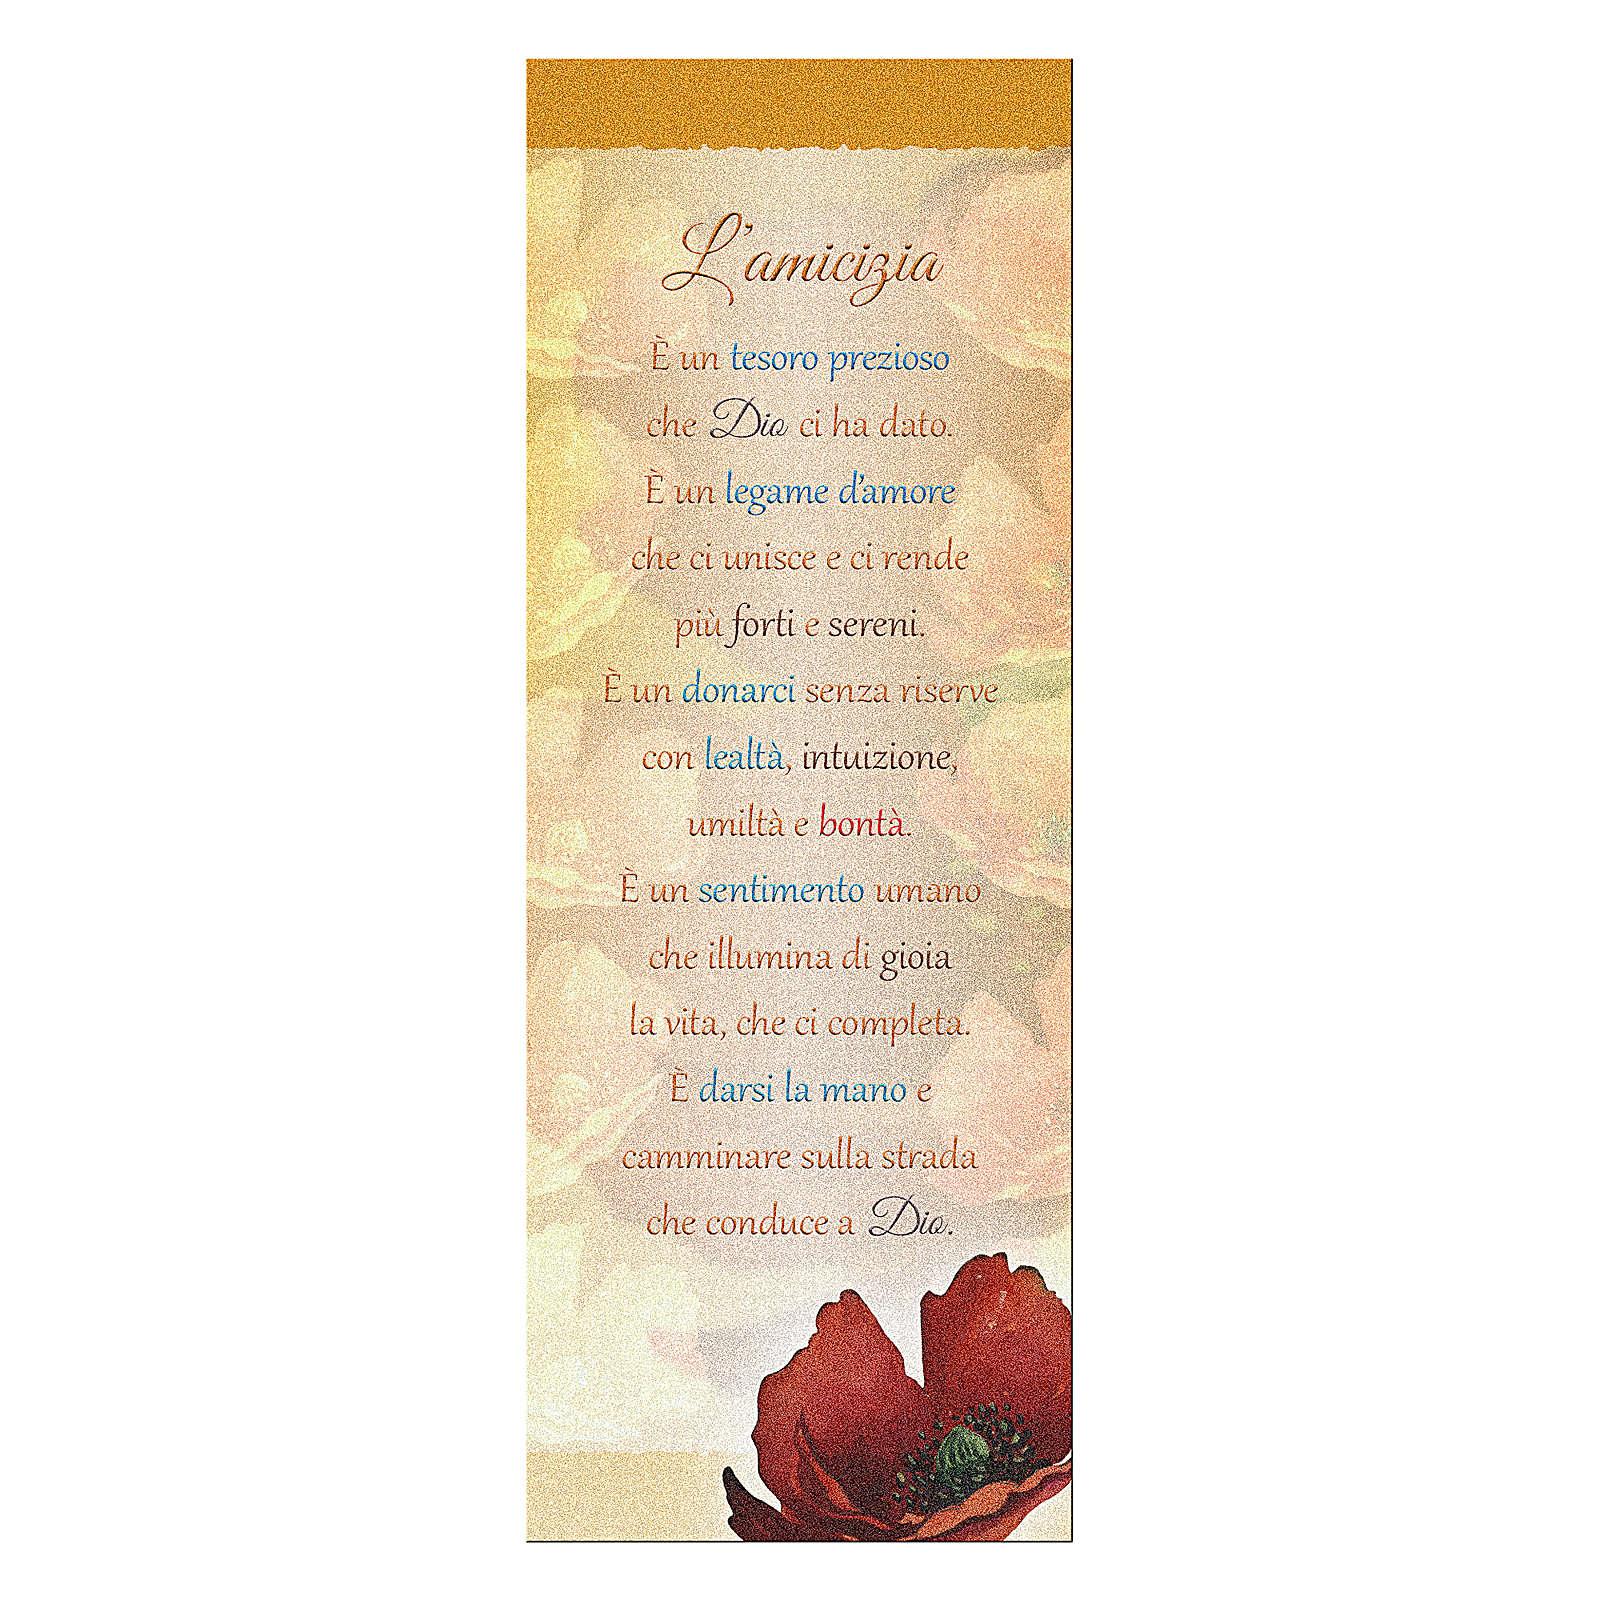 Segnalibro carta perlata Papavero L'amicizia 15x5 cm 4